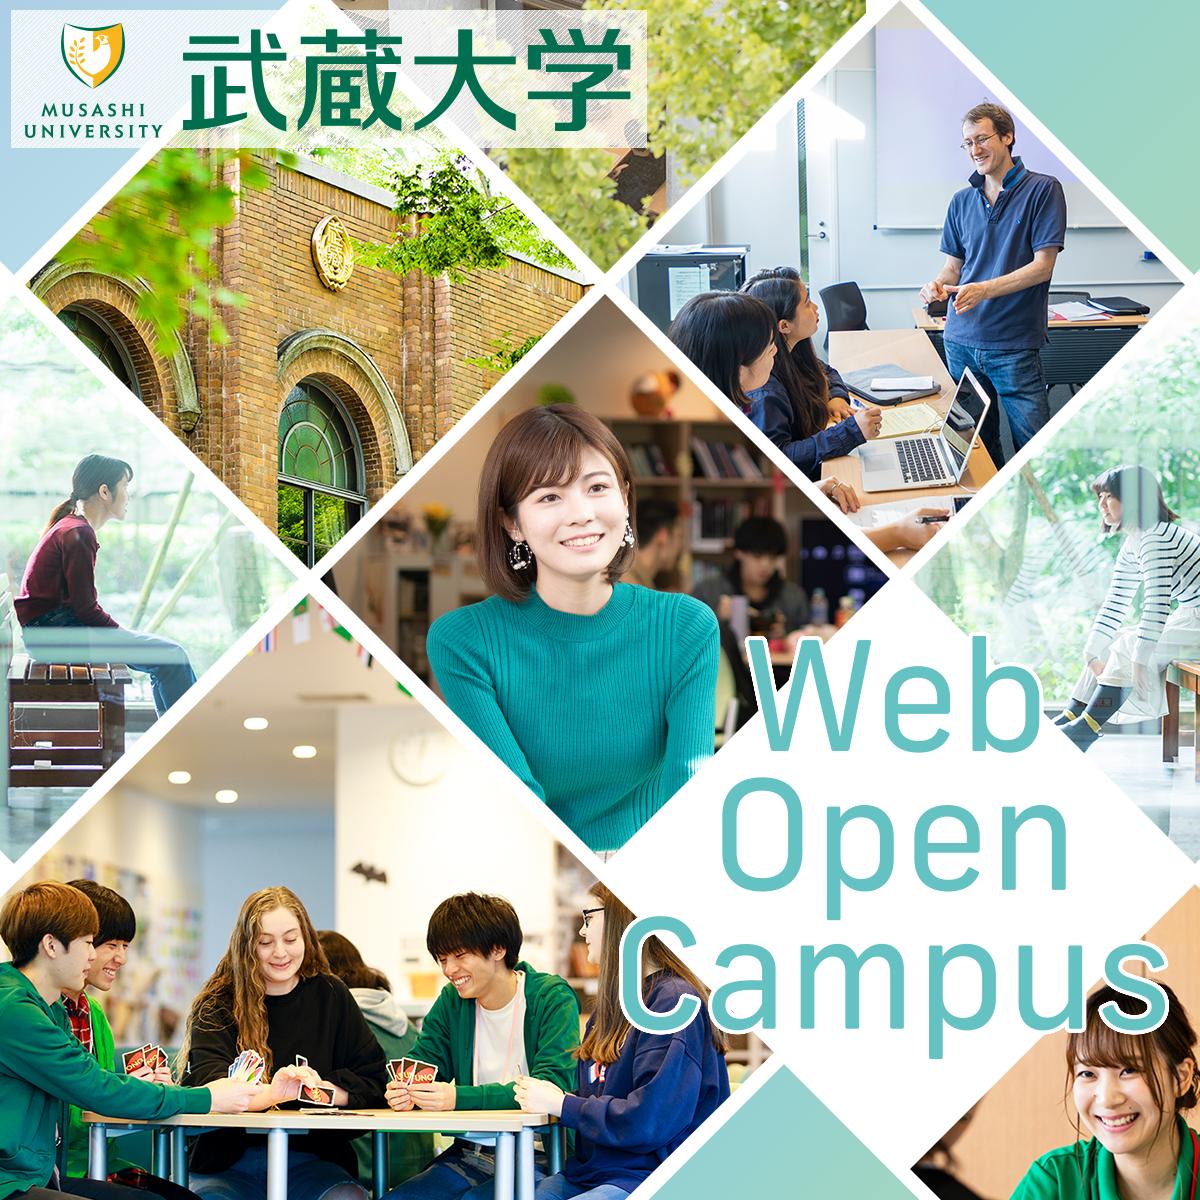 【武蔵大学】ゼミの武蔵の魅力を届けるWebオープンキャンパス開催!-- 8月10日、11日はZoomで質問も可能な「Web説明会」実施 --